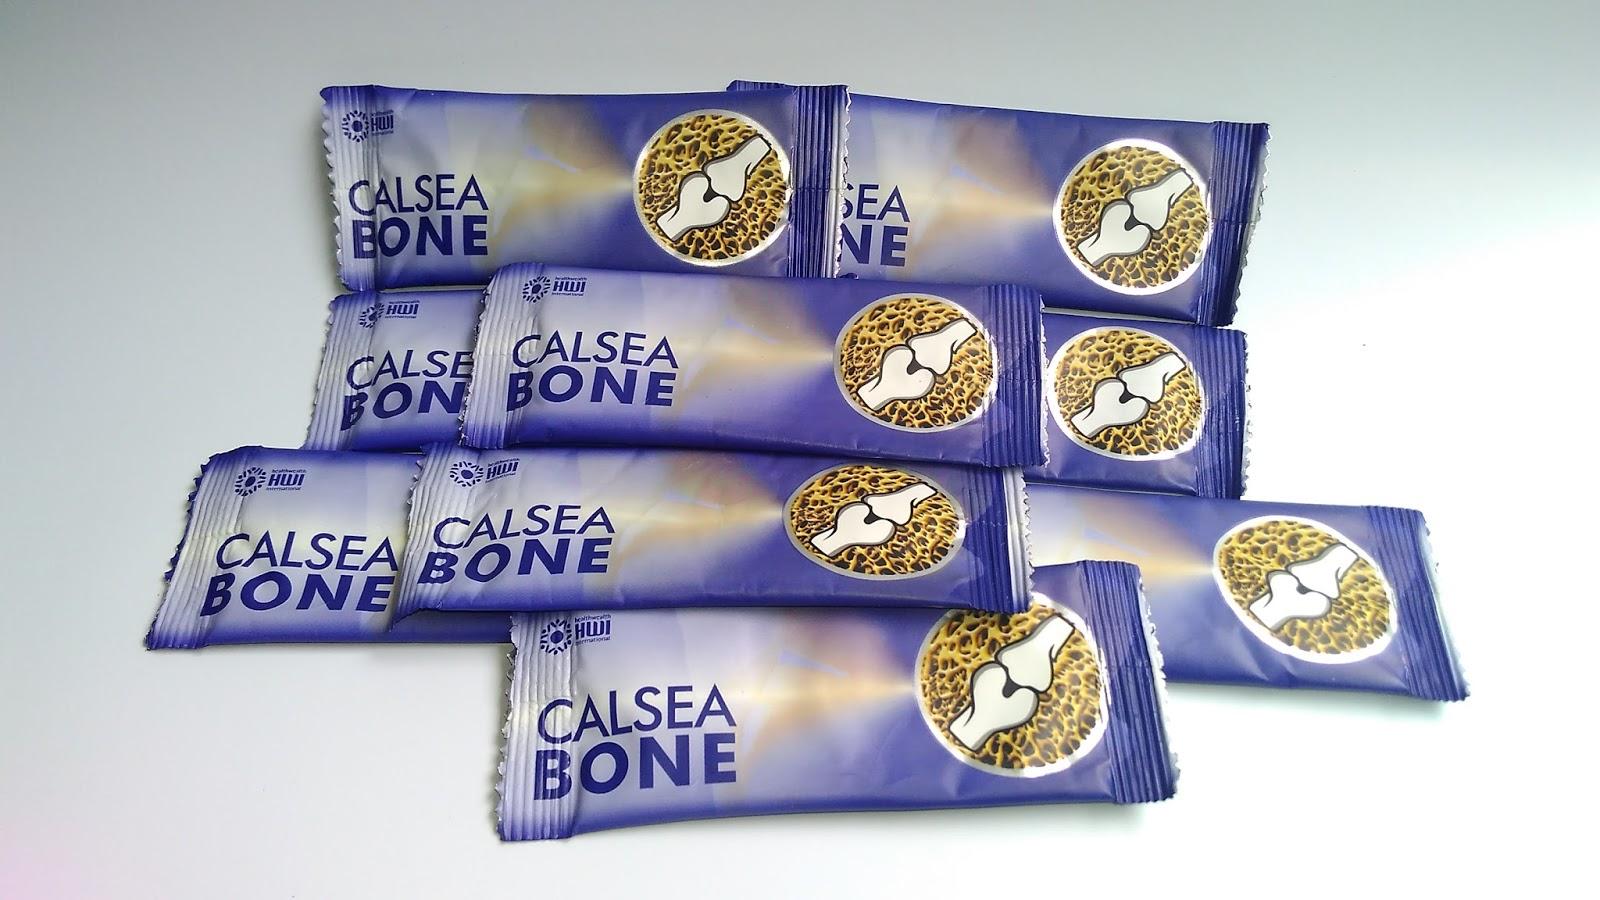 Jual Calsea Bone Produk HWI di Surabaya